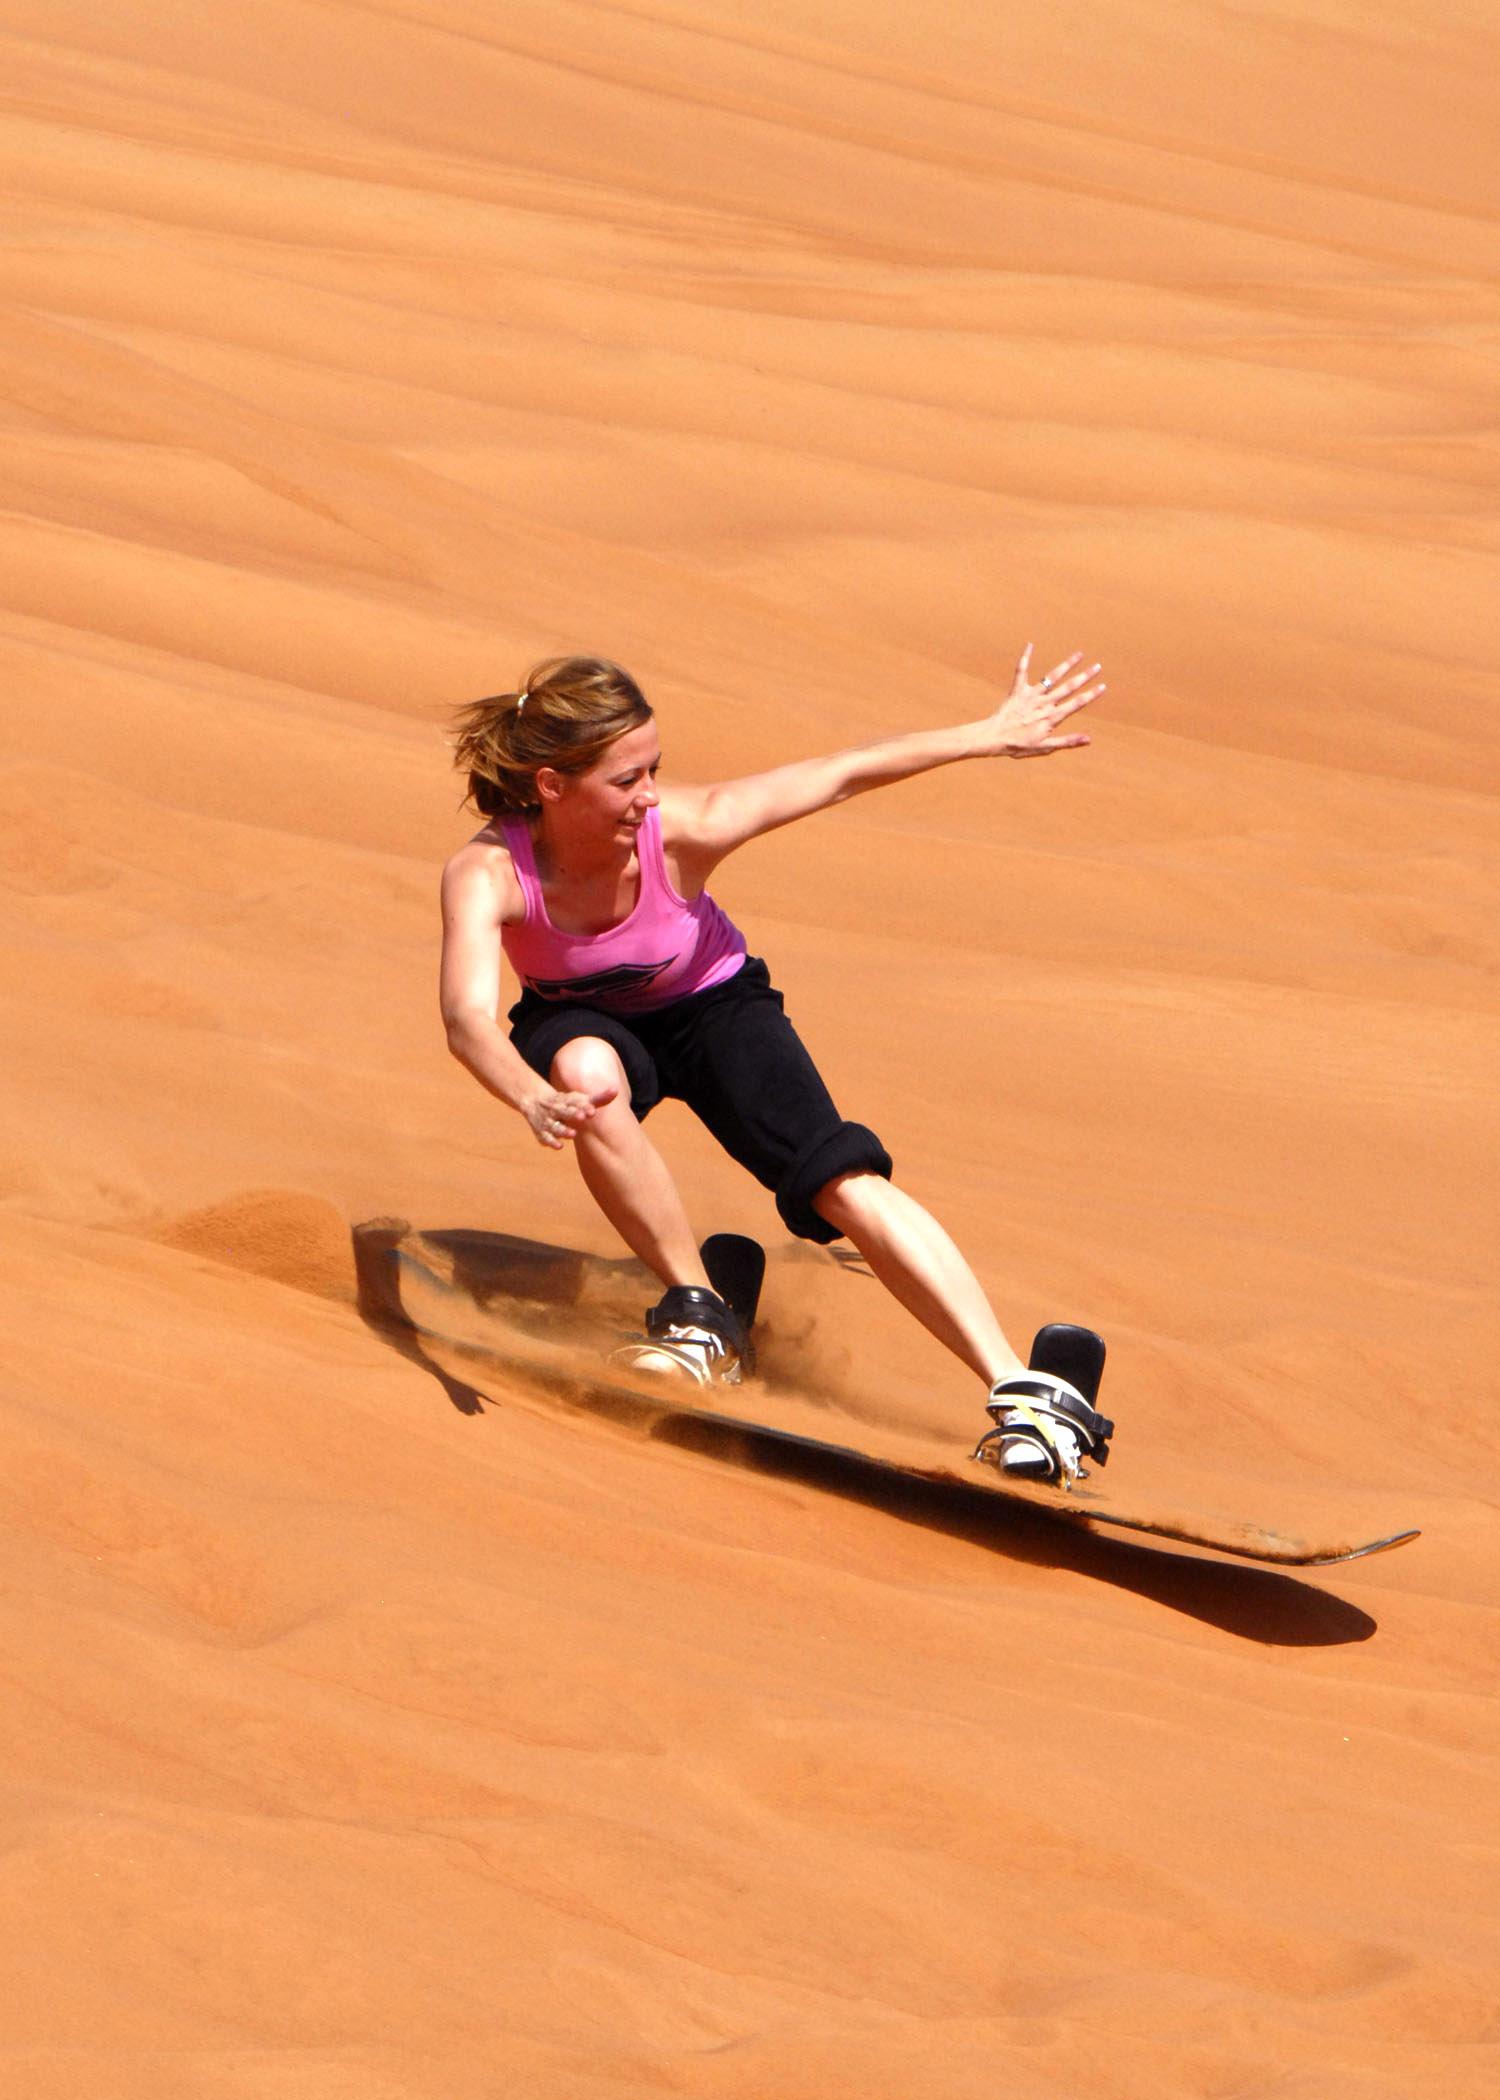 Sandboarding - Sandsurfing in desert Morocco